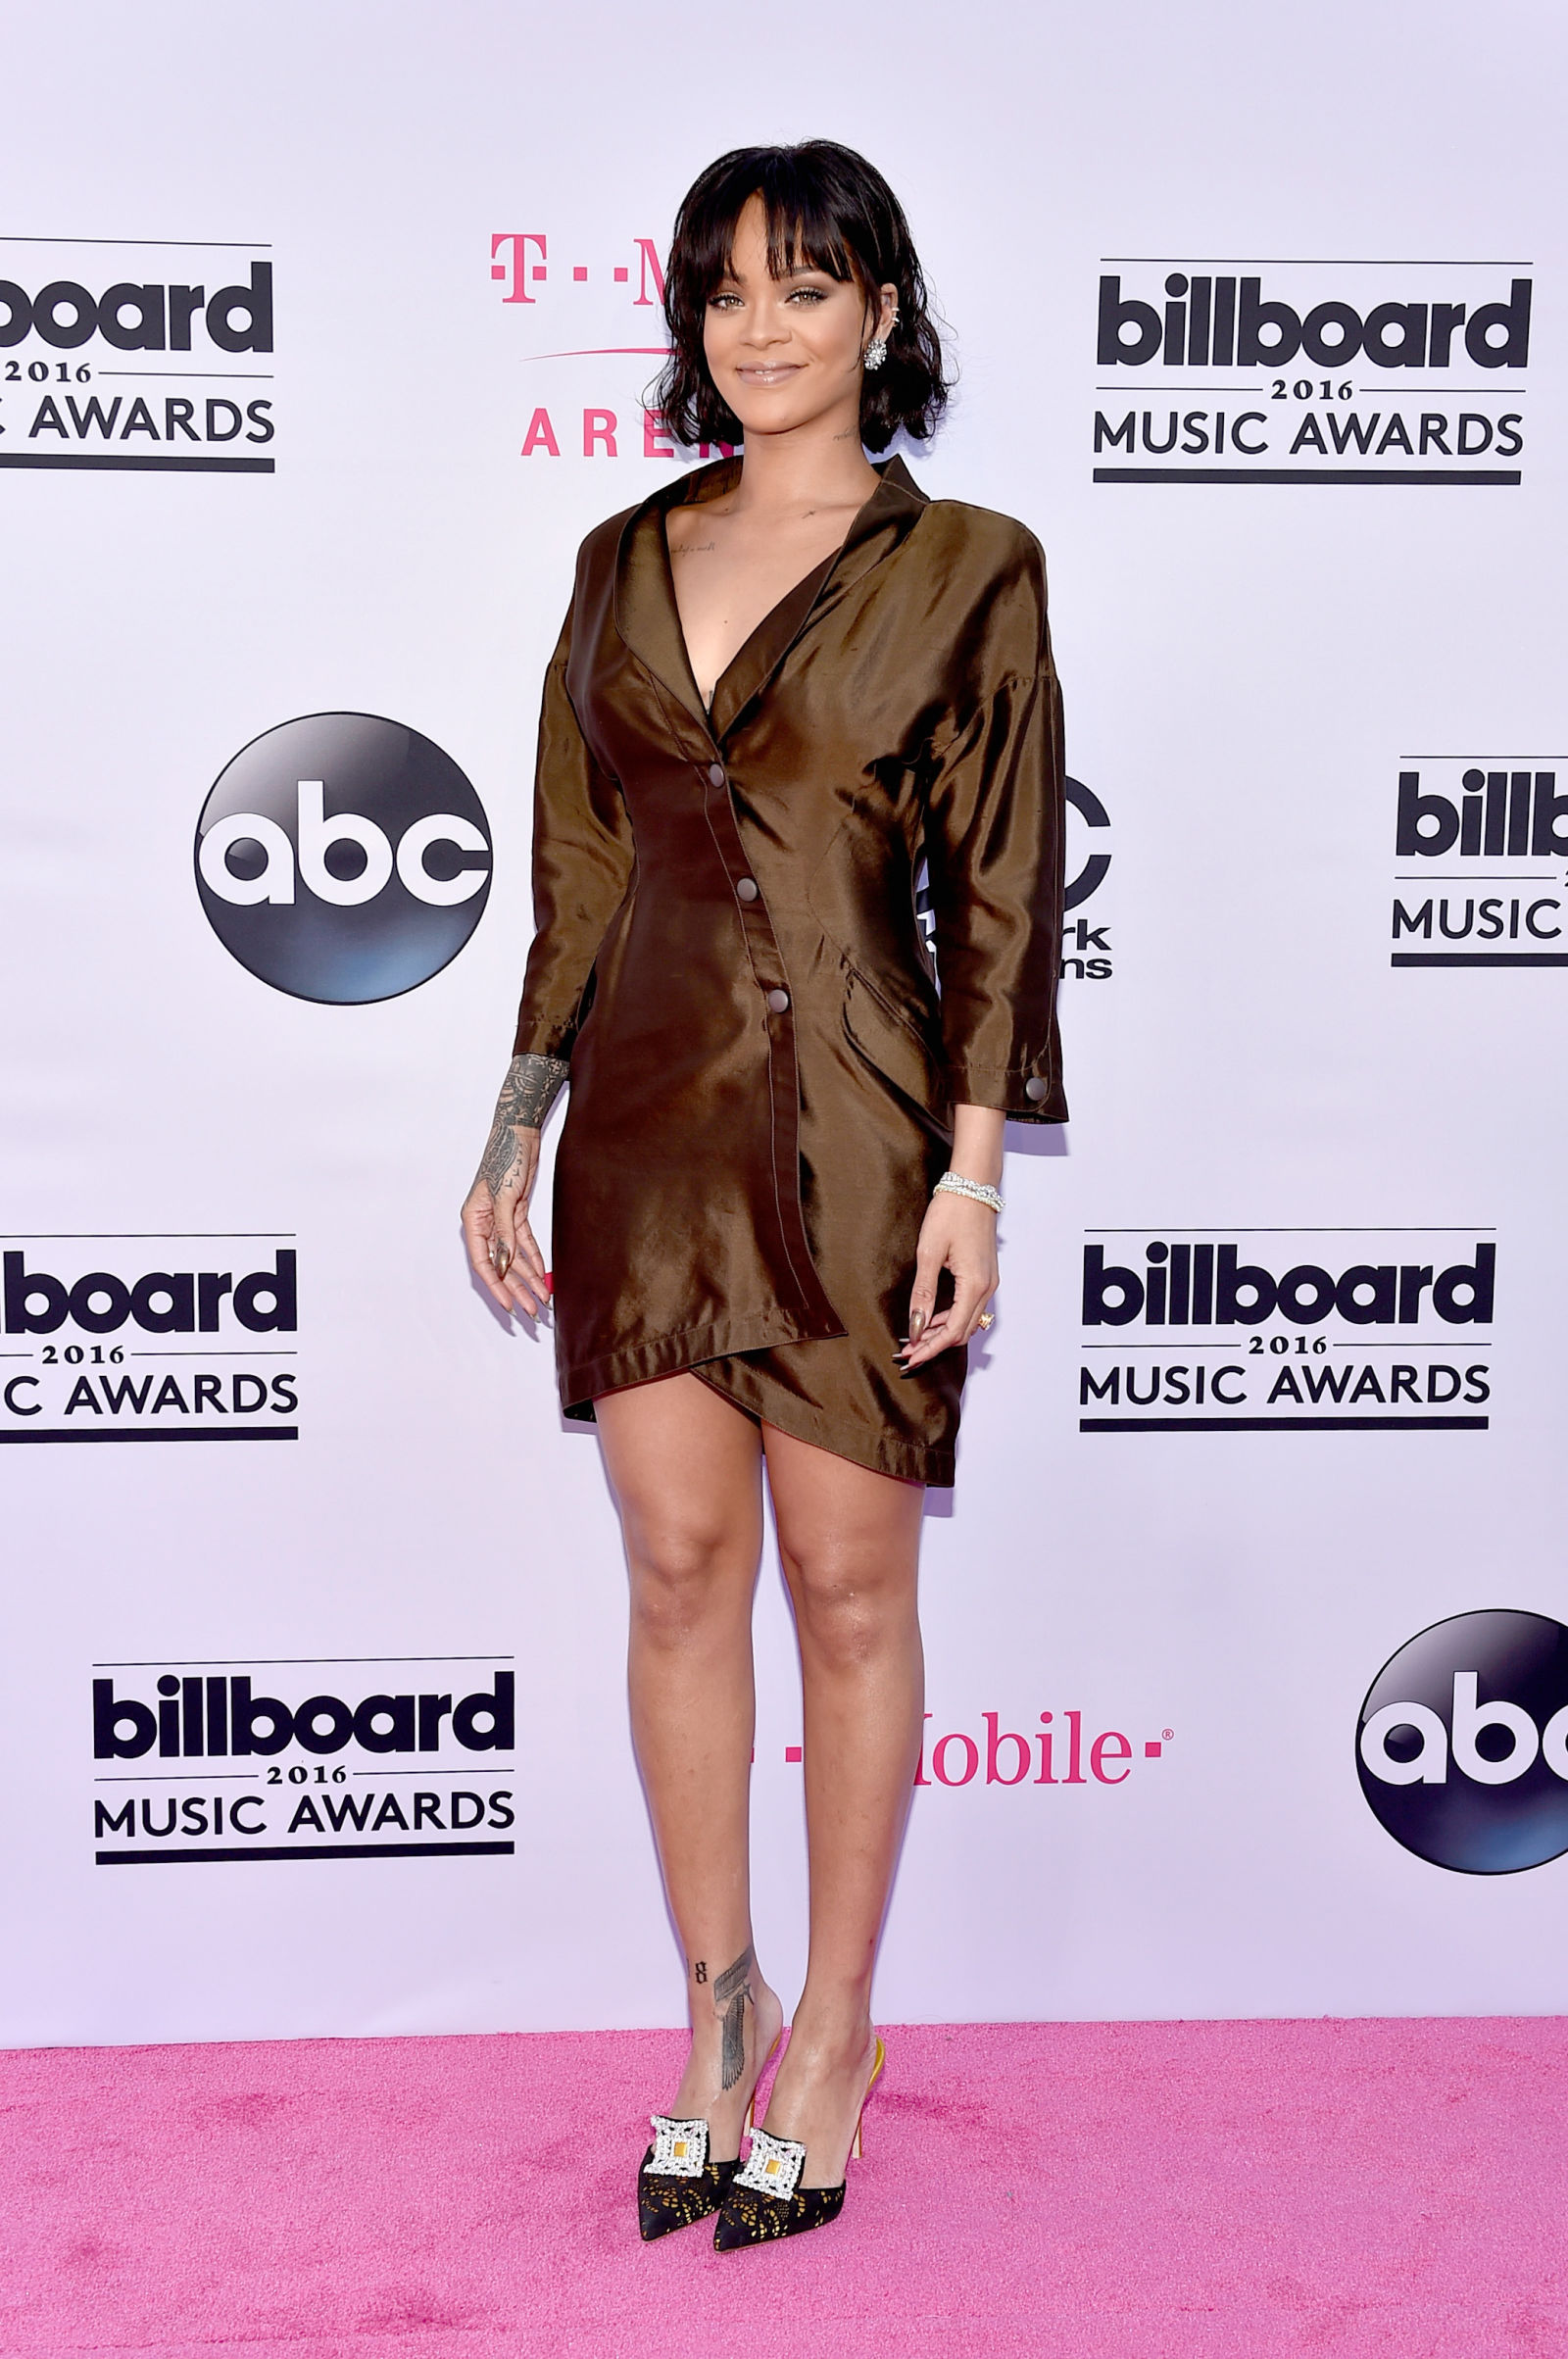 Rihanna at Billboards 2016